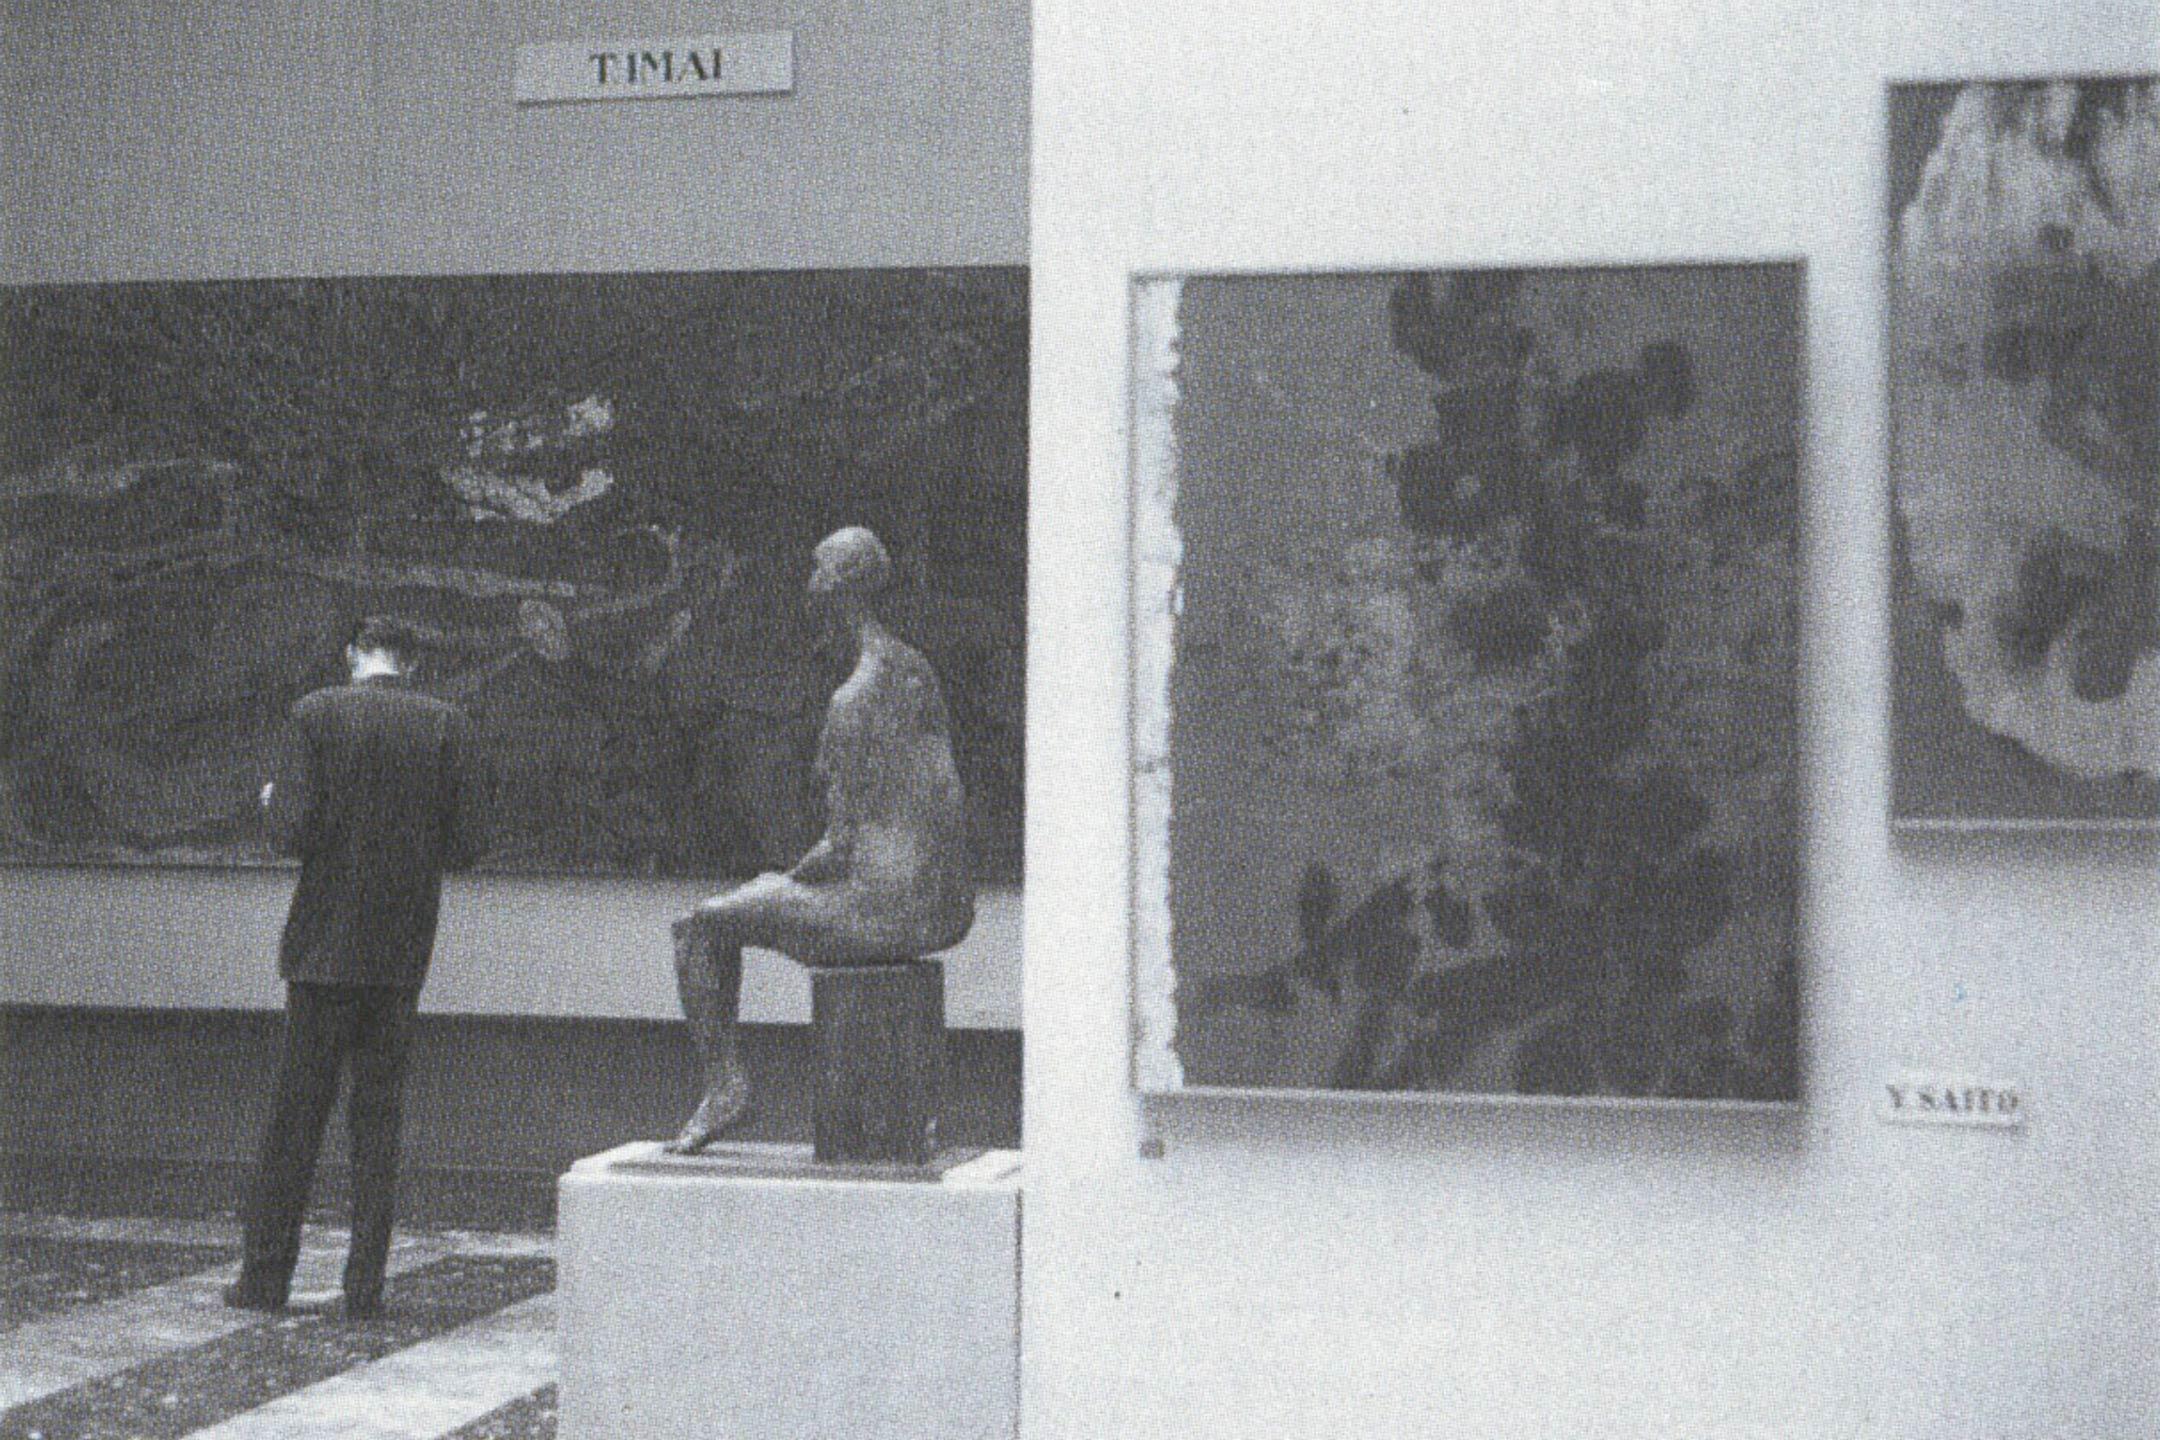 第30回ヴェネチア・ビエンナーレ 国際美術展